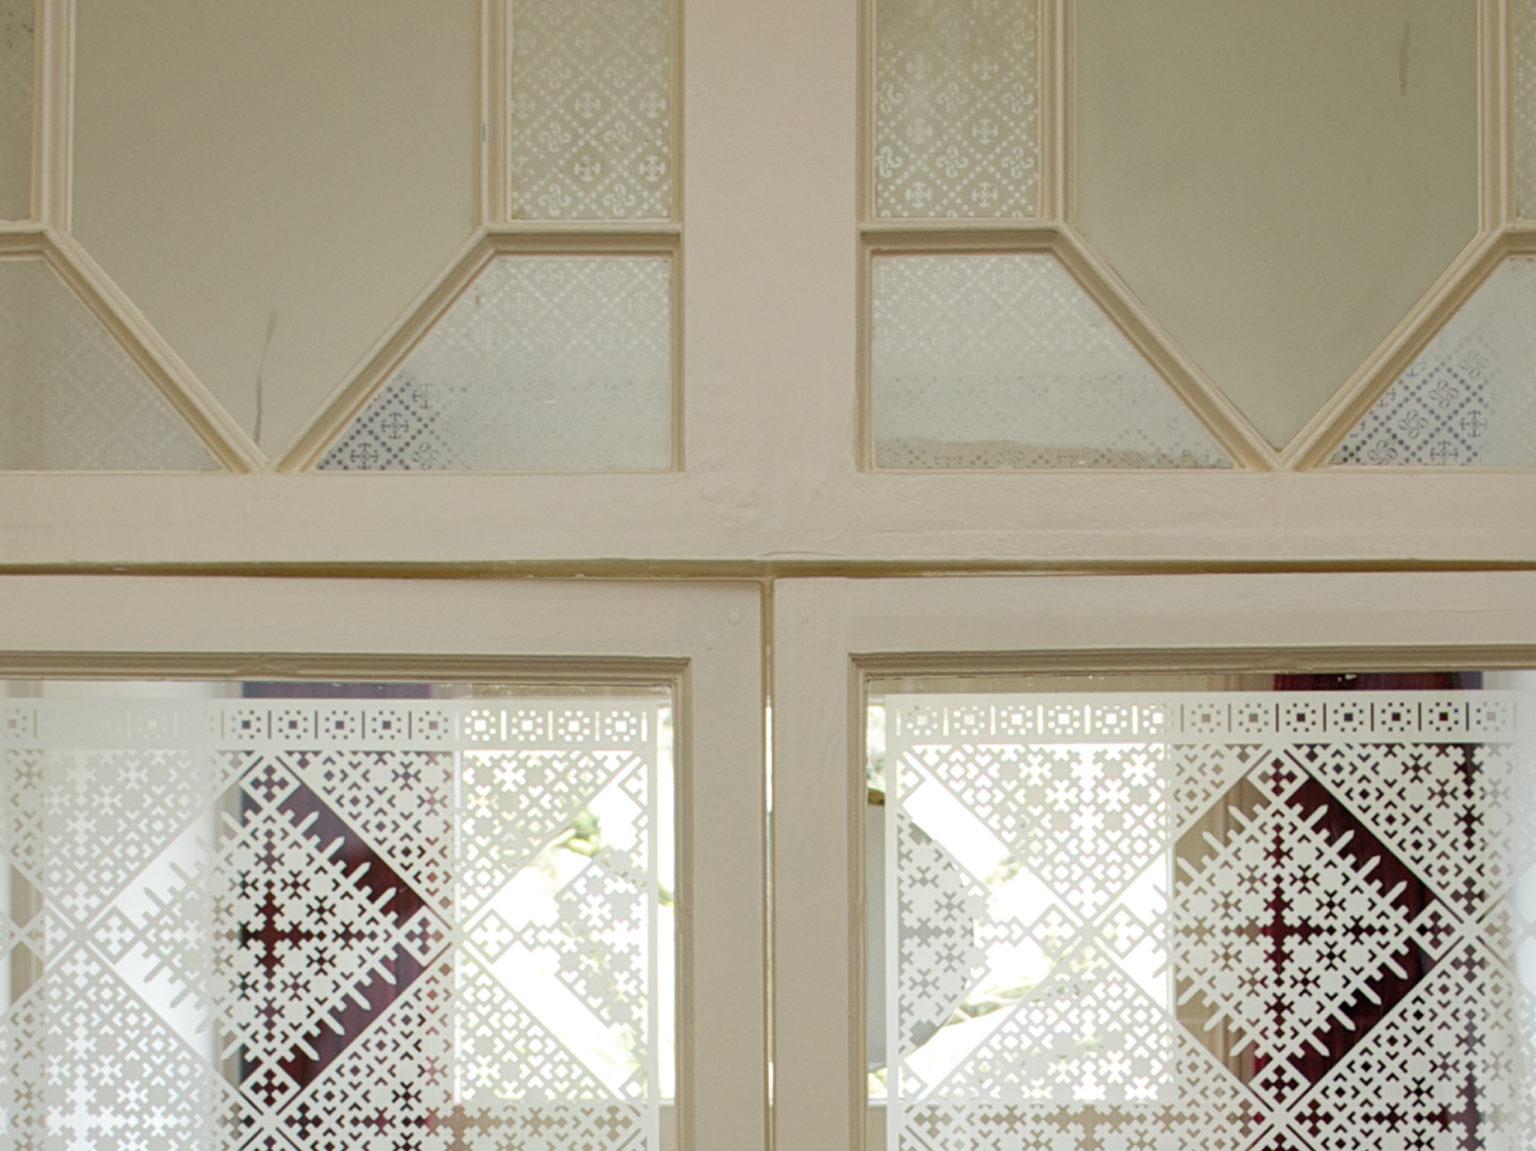 close up van raamfolie patroon/schuspatroon op vestibuledeuren